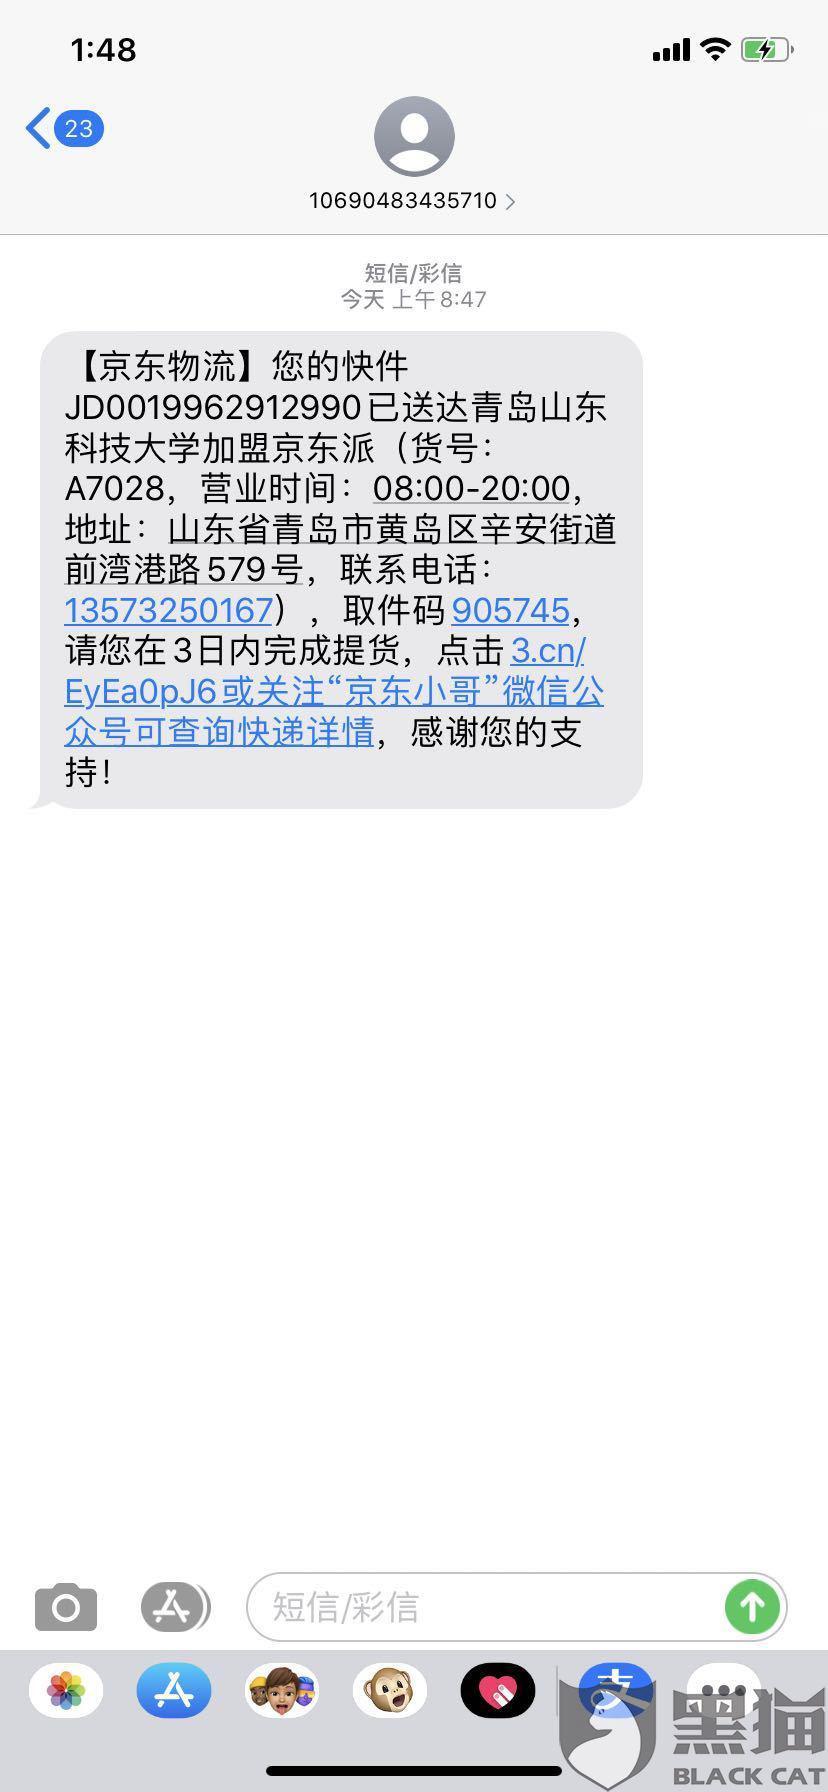 黑猫投诉:京东快递不配送要求自取。未提前通知,放在代收点。且签收。